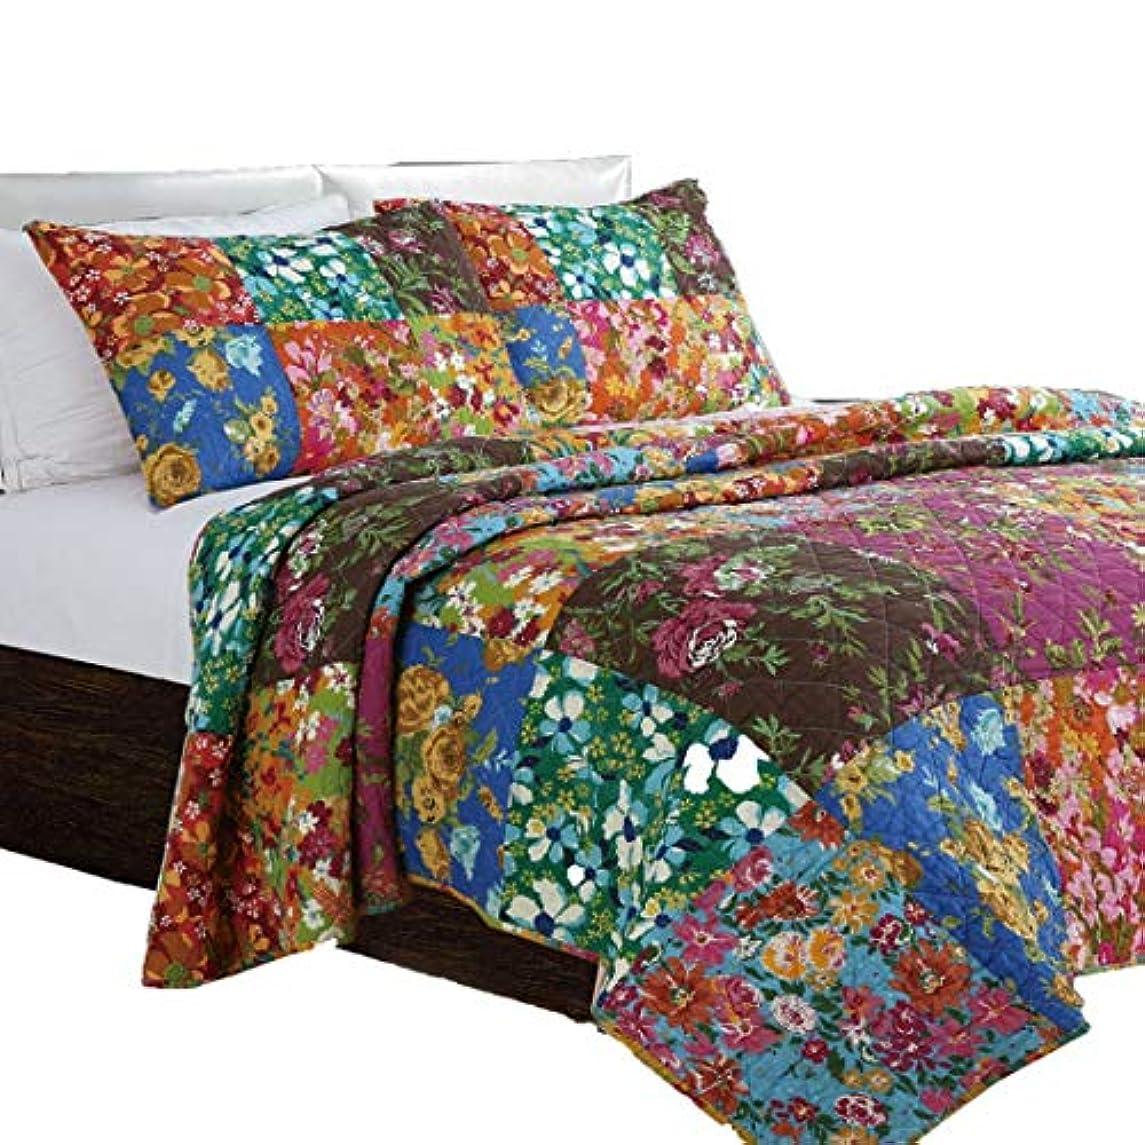 パンツ満了以内にGilibibe キルティングキルト、ベッド カバー コットン 3ピース ハンド ステッチキルティング シート 高級 ベッド シート セット (色 : Multicolor)